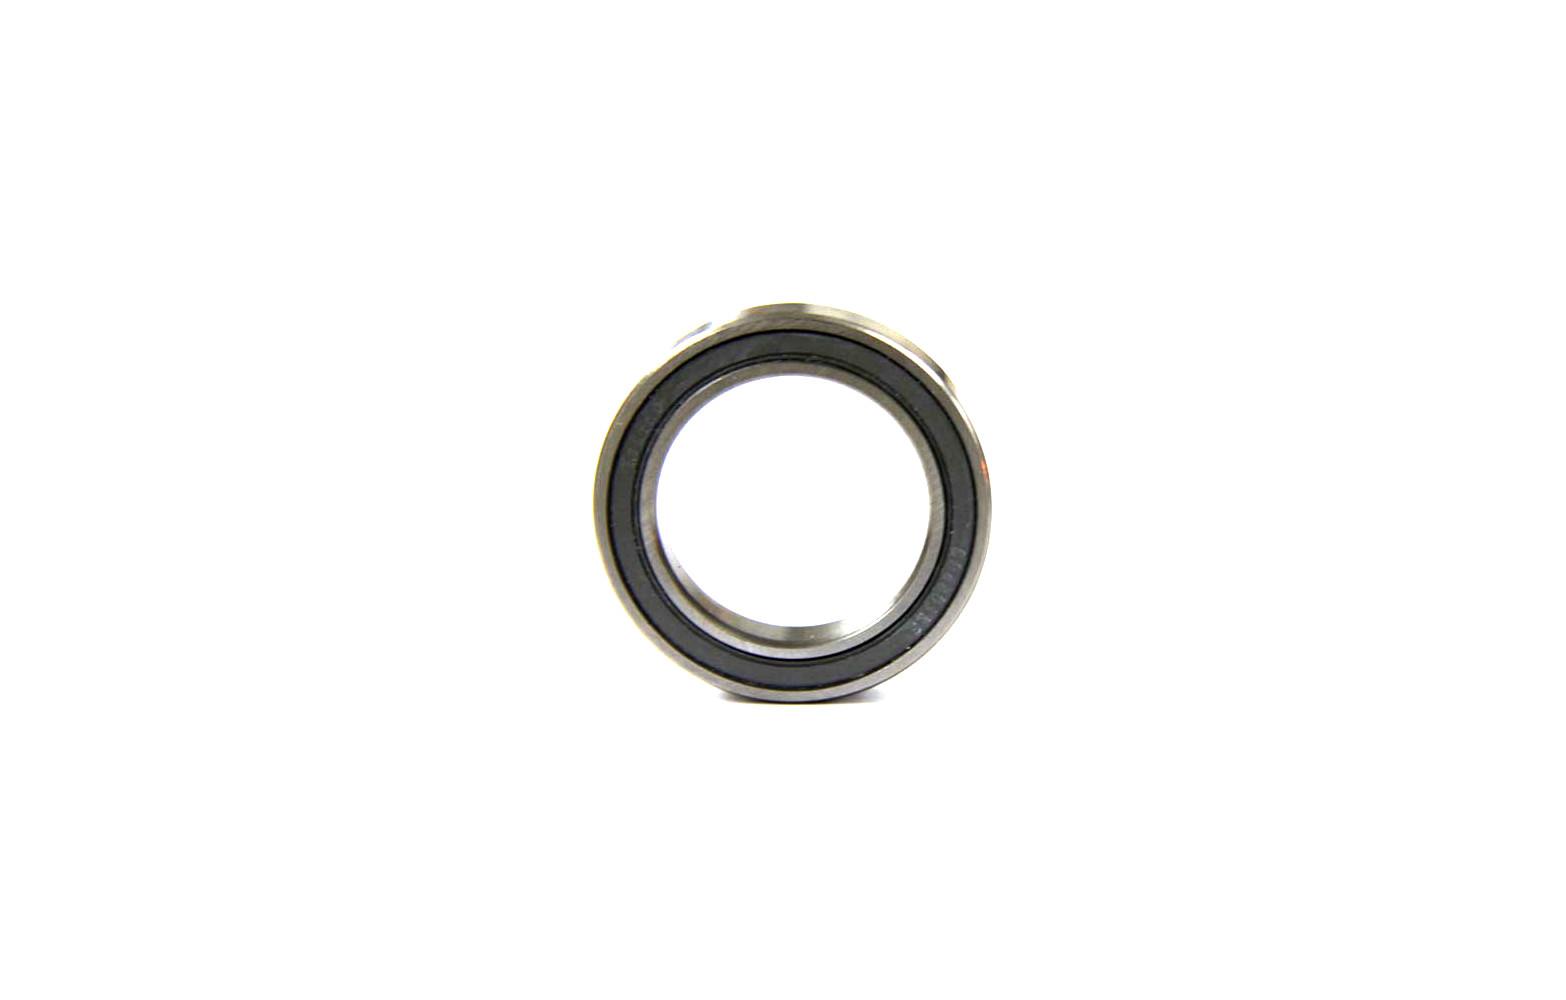 MSC BIKES BSA24 Bottom Bracket Ceramic Bearing 37-25-7 2R